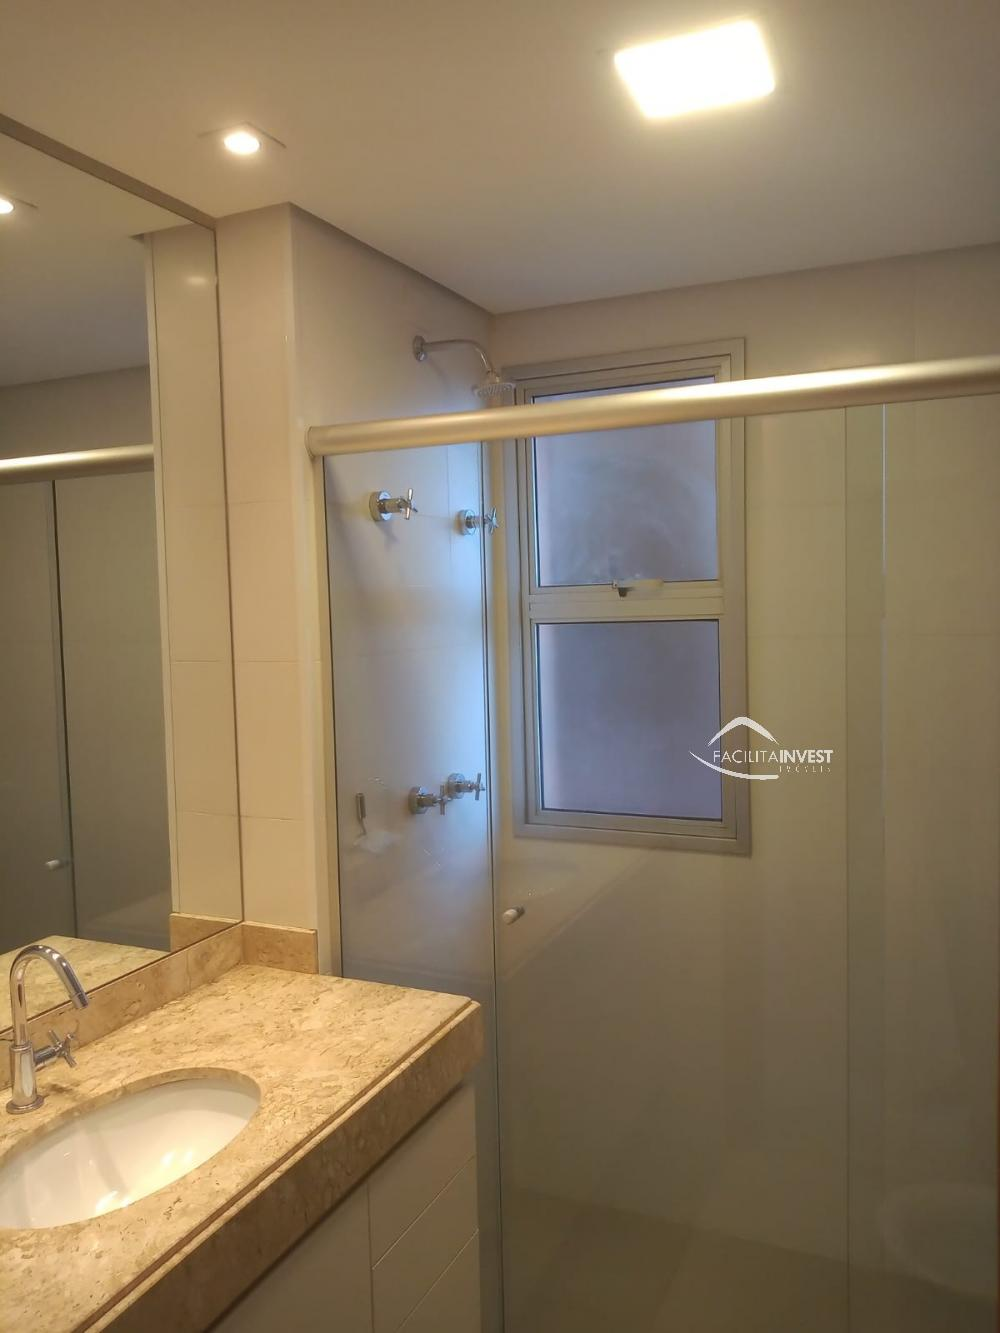 Alugar Apartamentos / Apart. Padrão em Ribeirão Preto R$ 3.500,00 - Foto 11